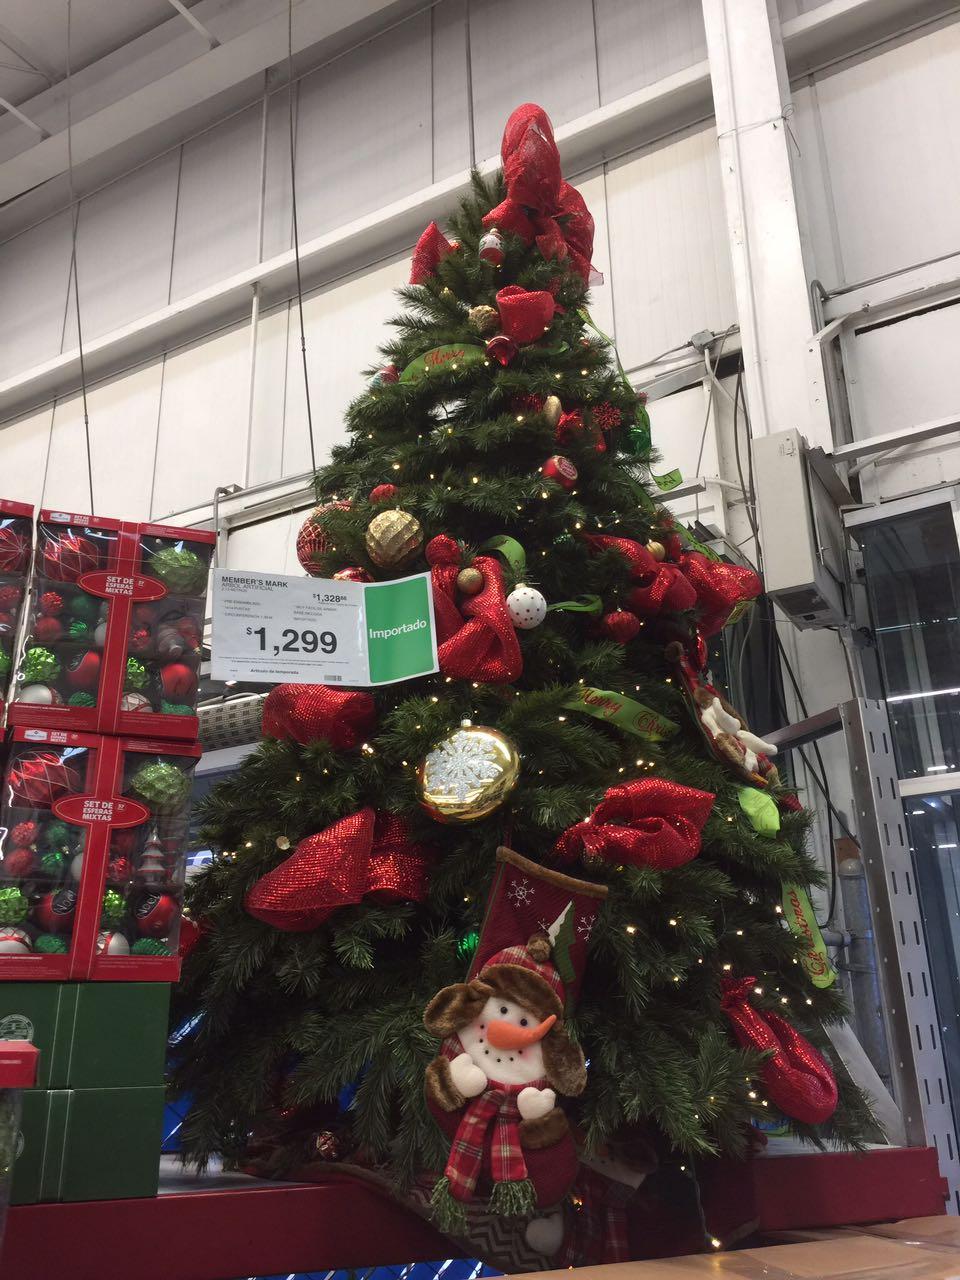 Cuanto cuesta adornar la casa de navidad alerta chiapas - Adornar la casa en navidad ...